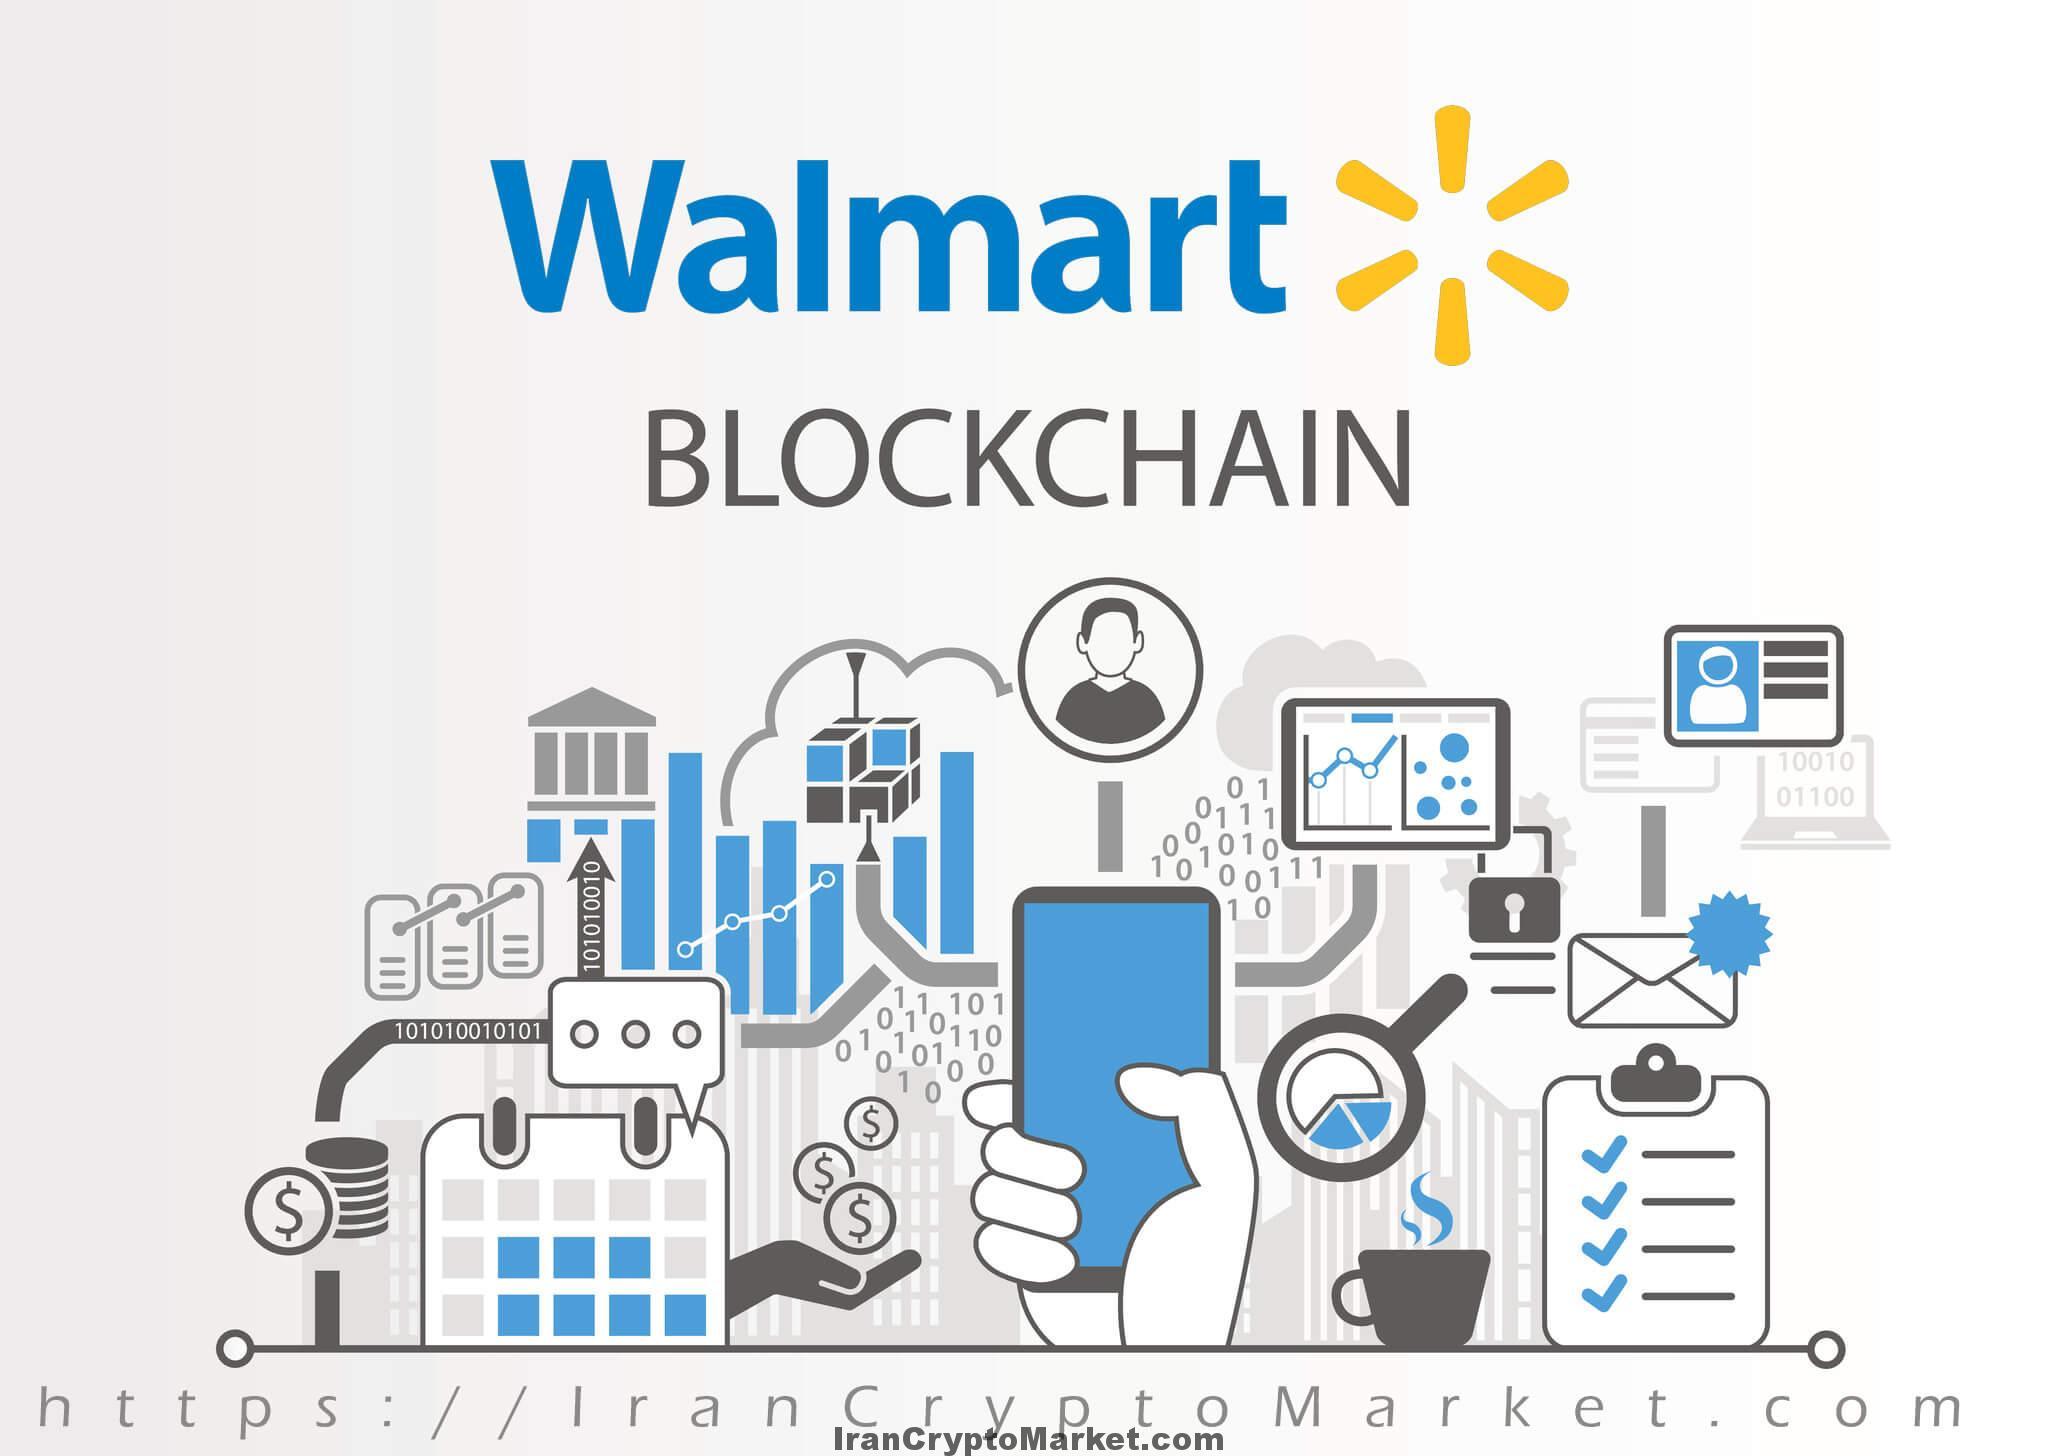 والمارت (Walmart) به دنبال ایجاد بازار دیجیتالی مبتنی بر بلاک چین است